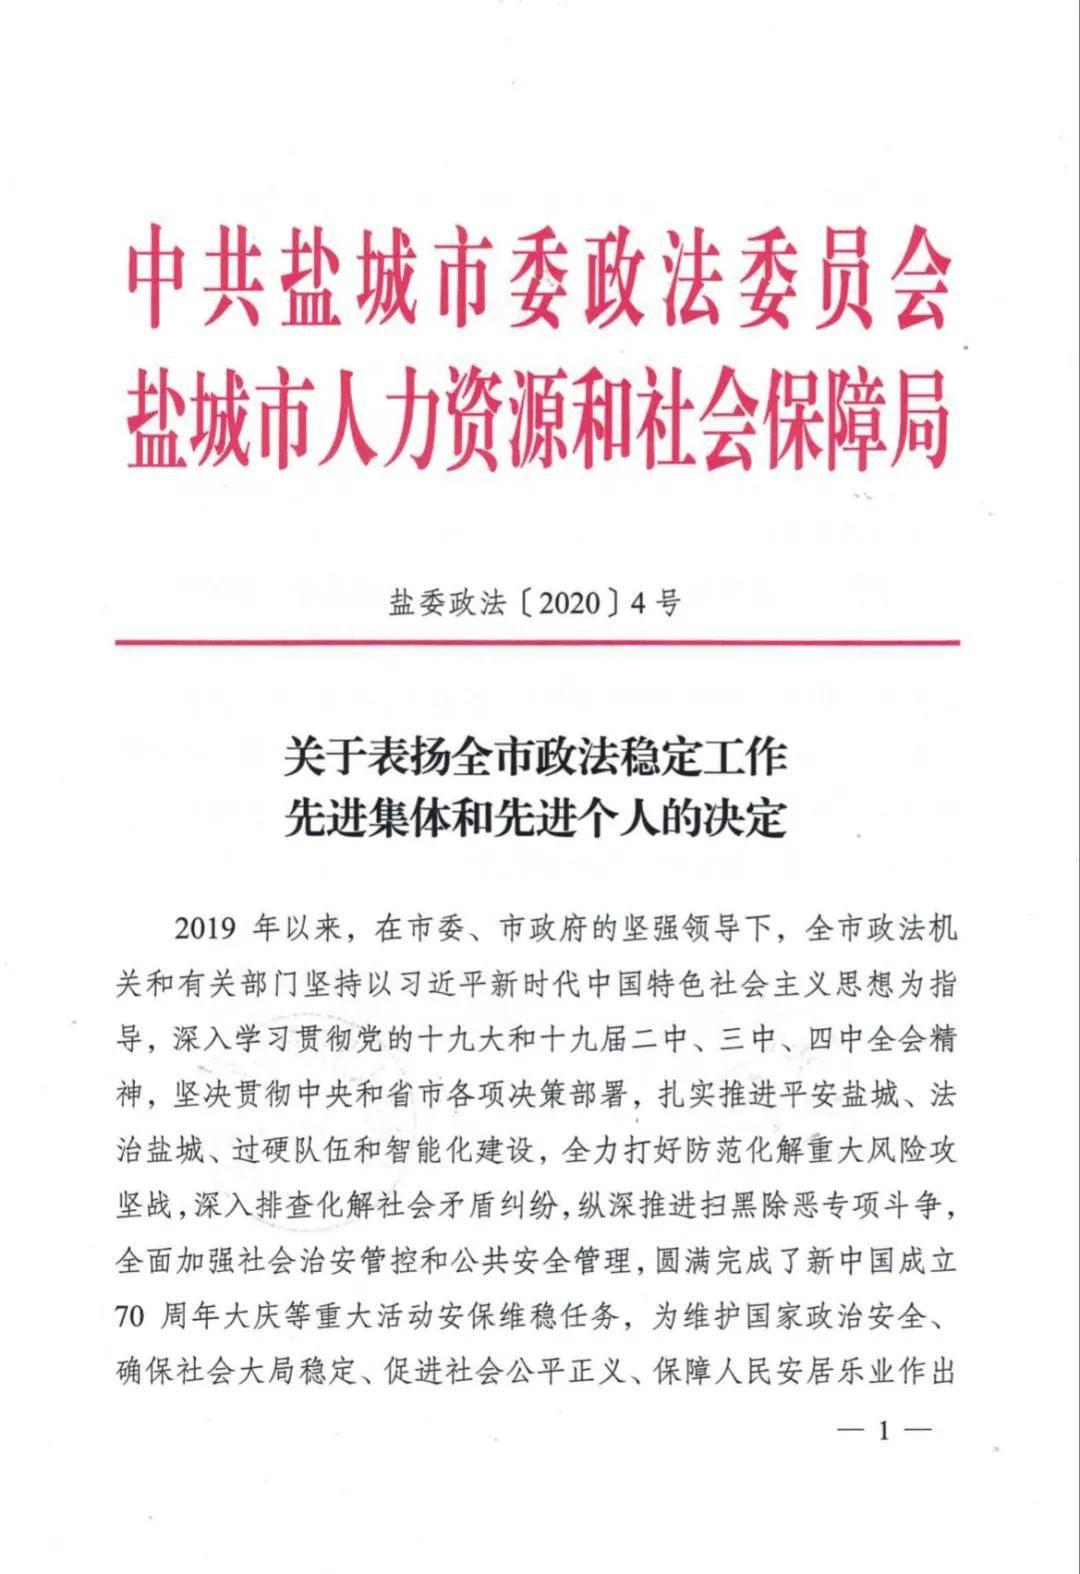 喜讯:阜宁法院荣获全市政法工作先进集体